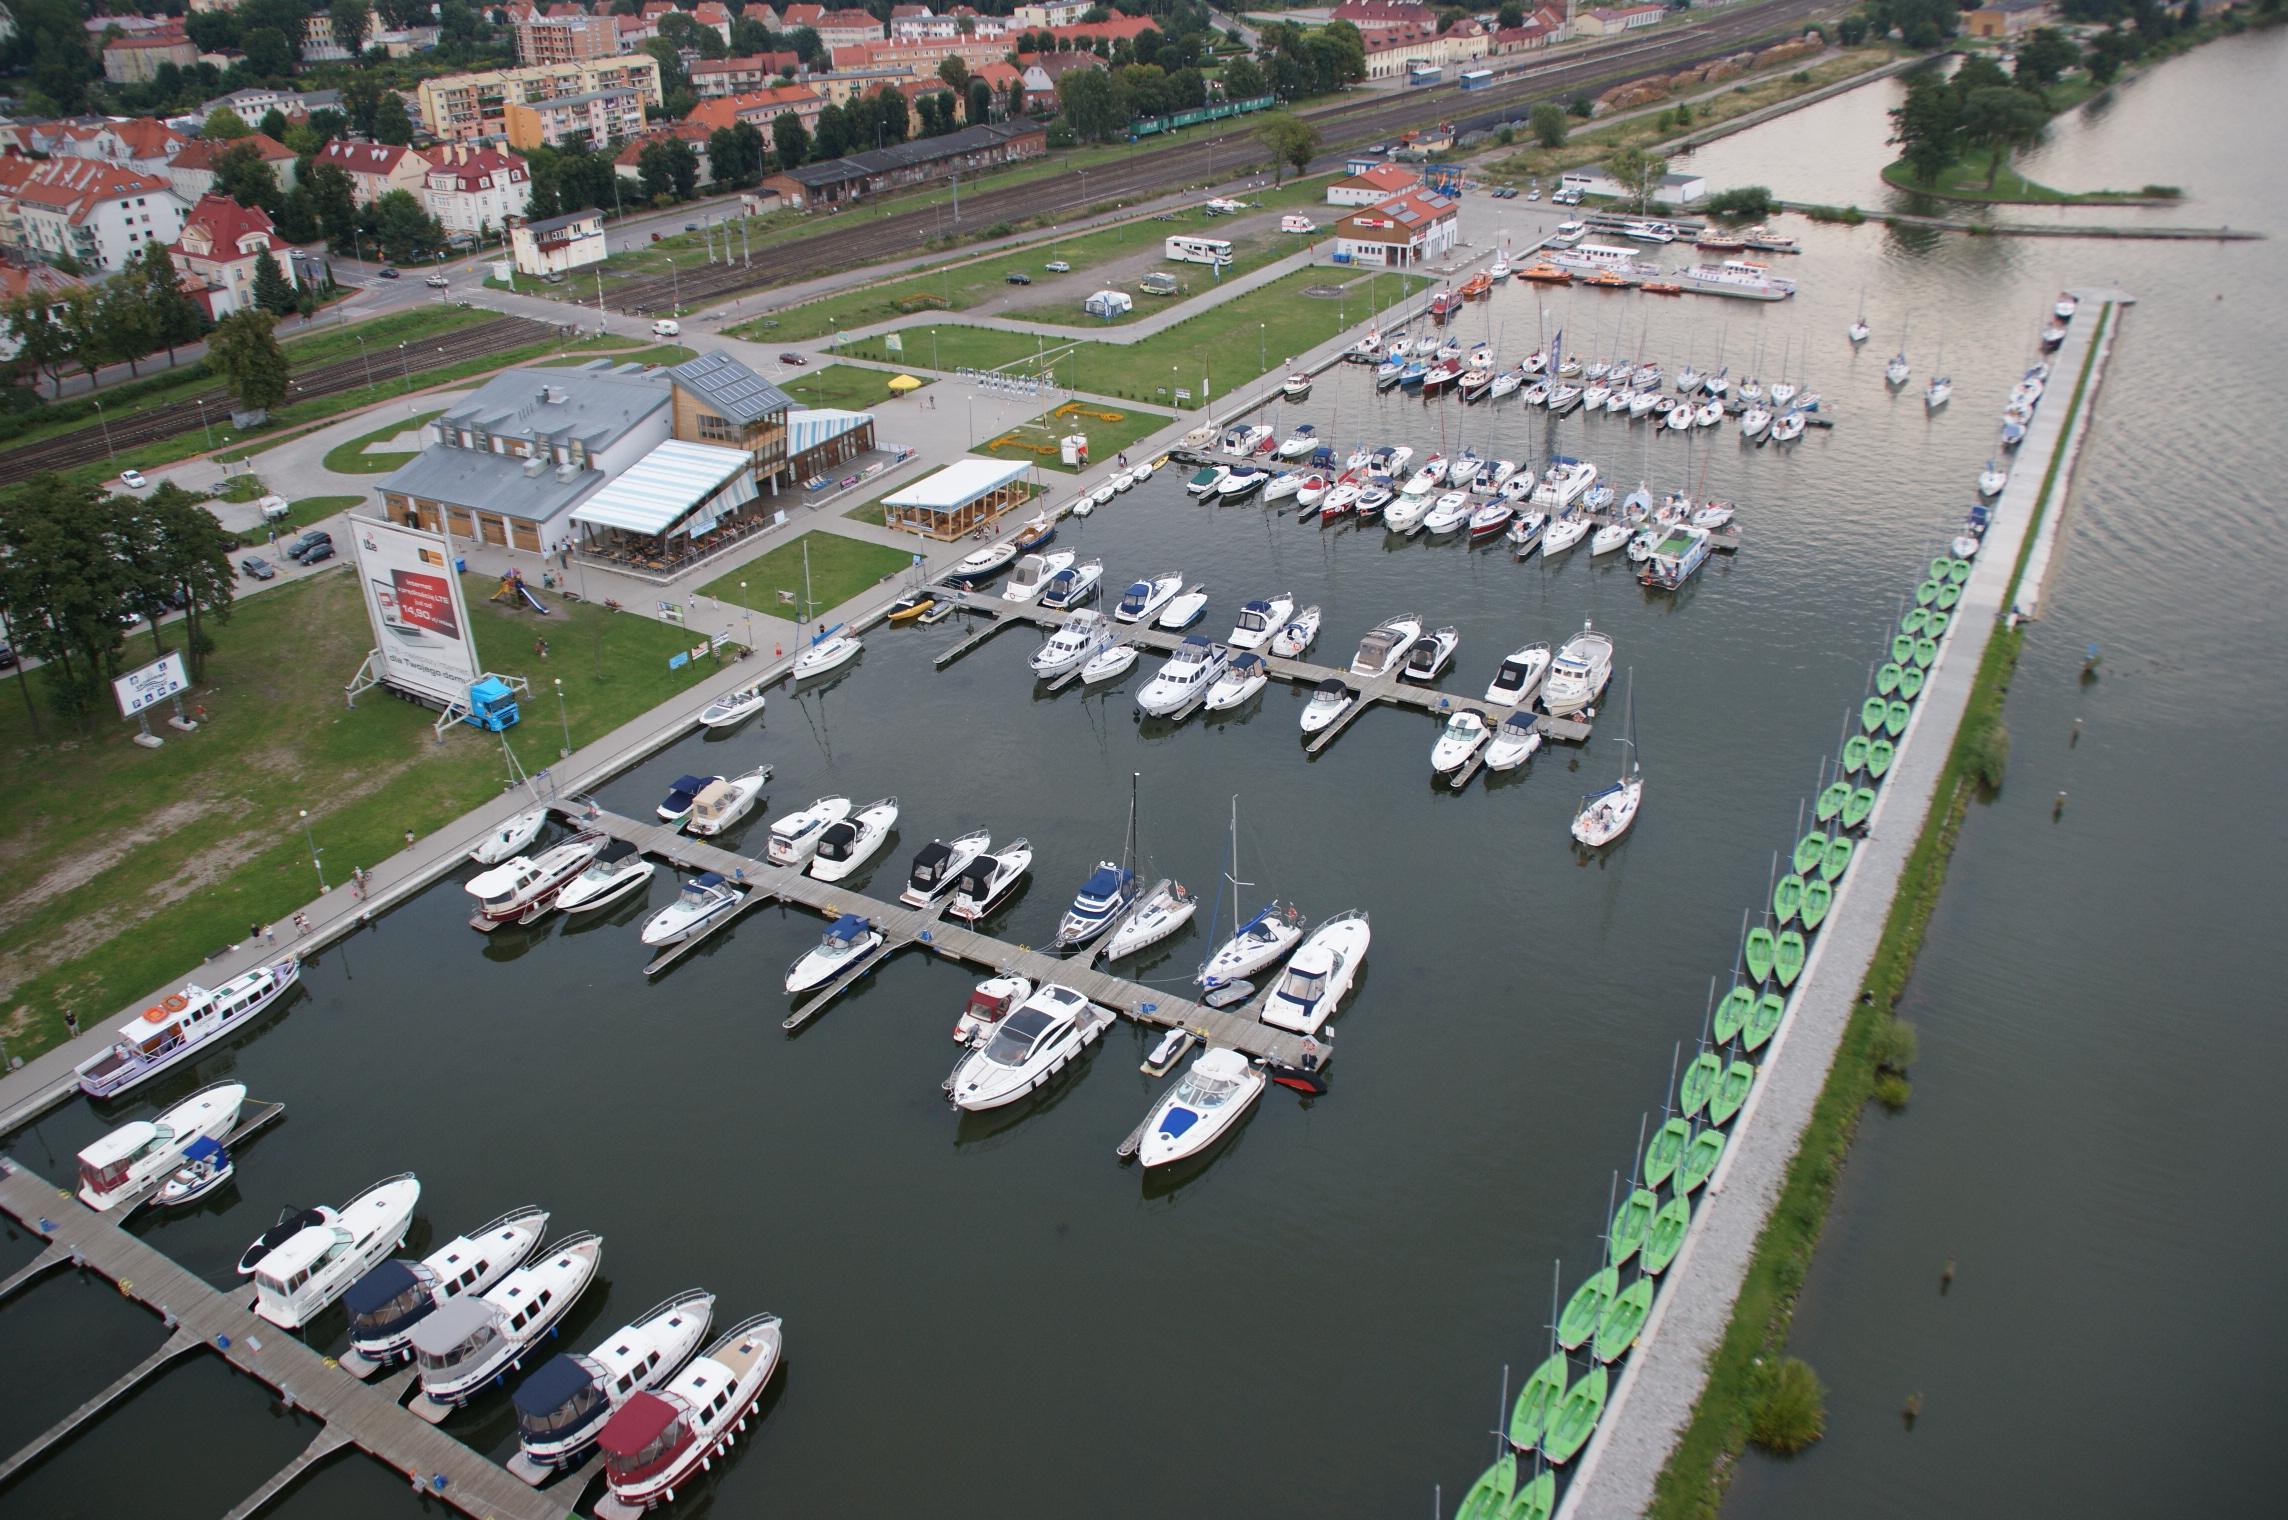 Festiwal Żagli 2014 w Giżycku w Ekomarinie w sobotę 17.05.2014 + podsumowanie.